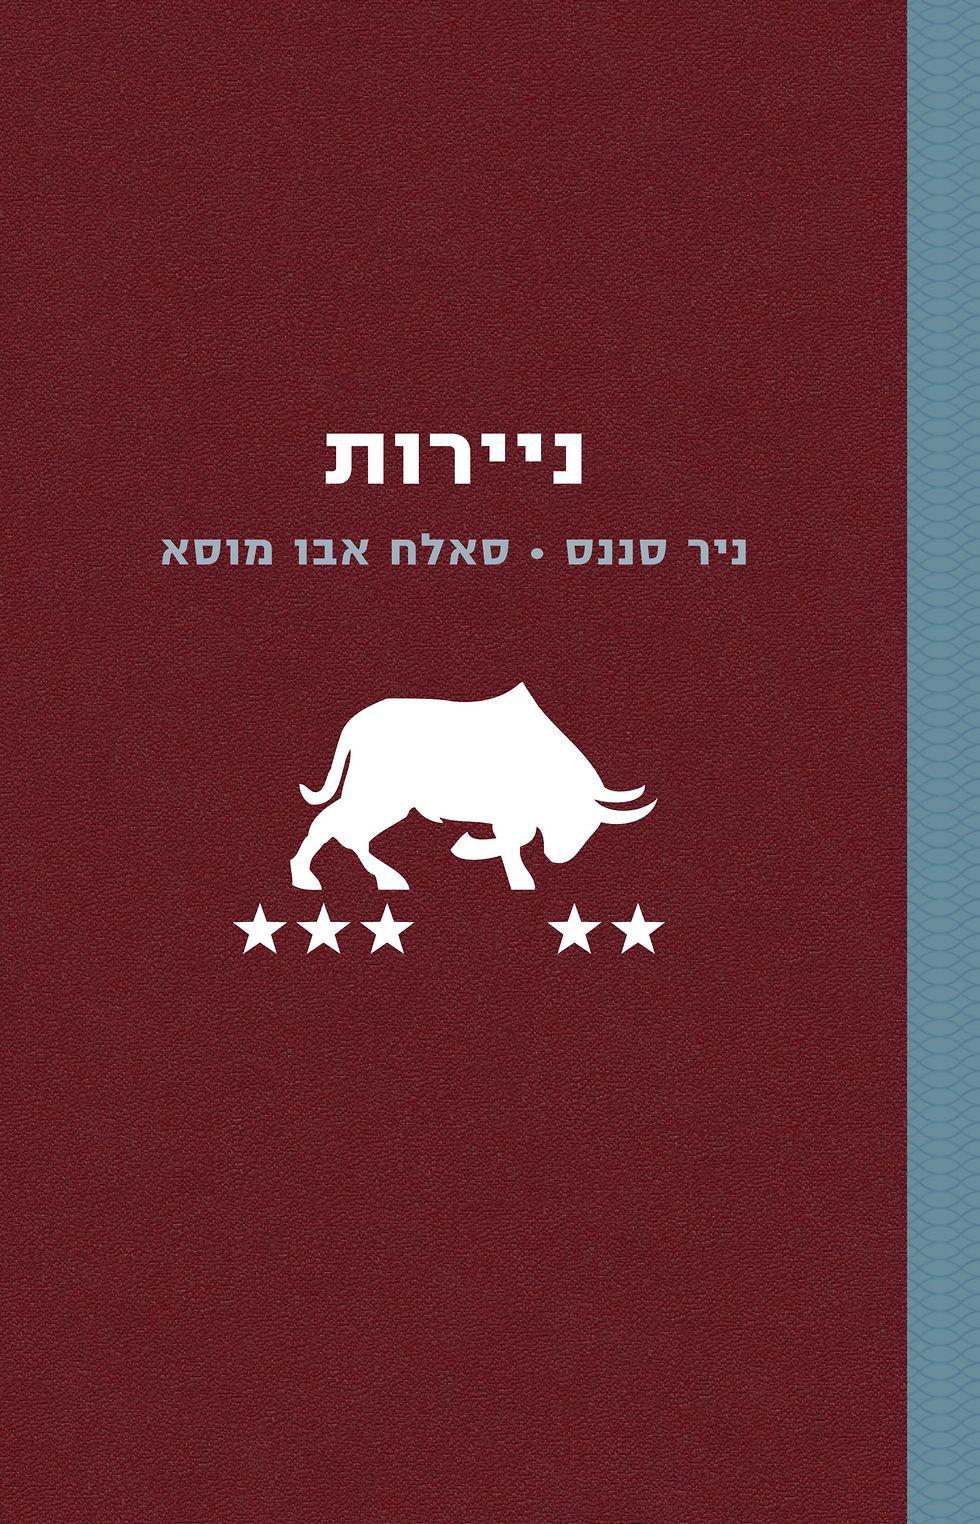 לשימוש בלייזר בלבד ניר סננס סאלח אבו מוסא הספר ניירות (צילום: מהאלבום הפרטי)